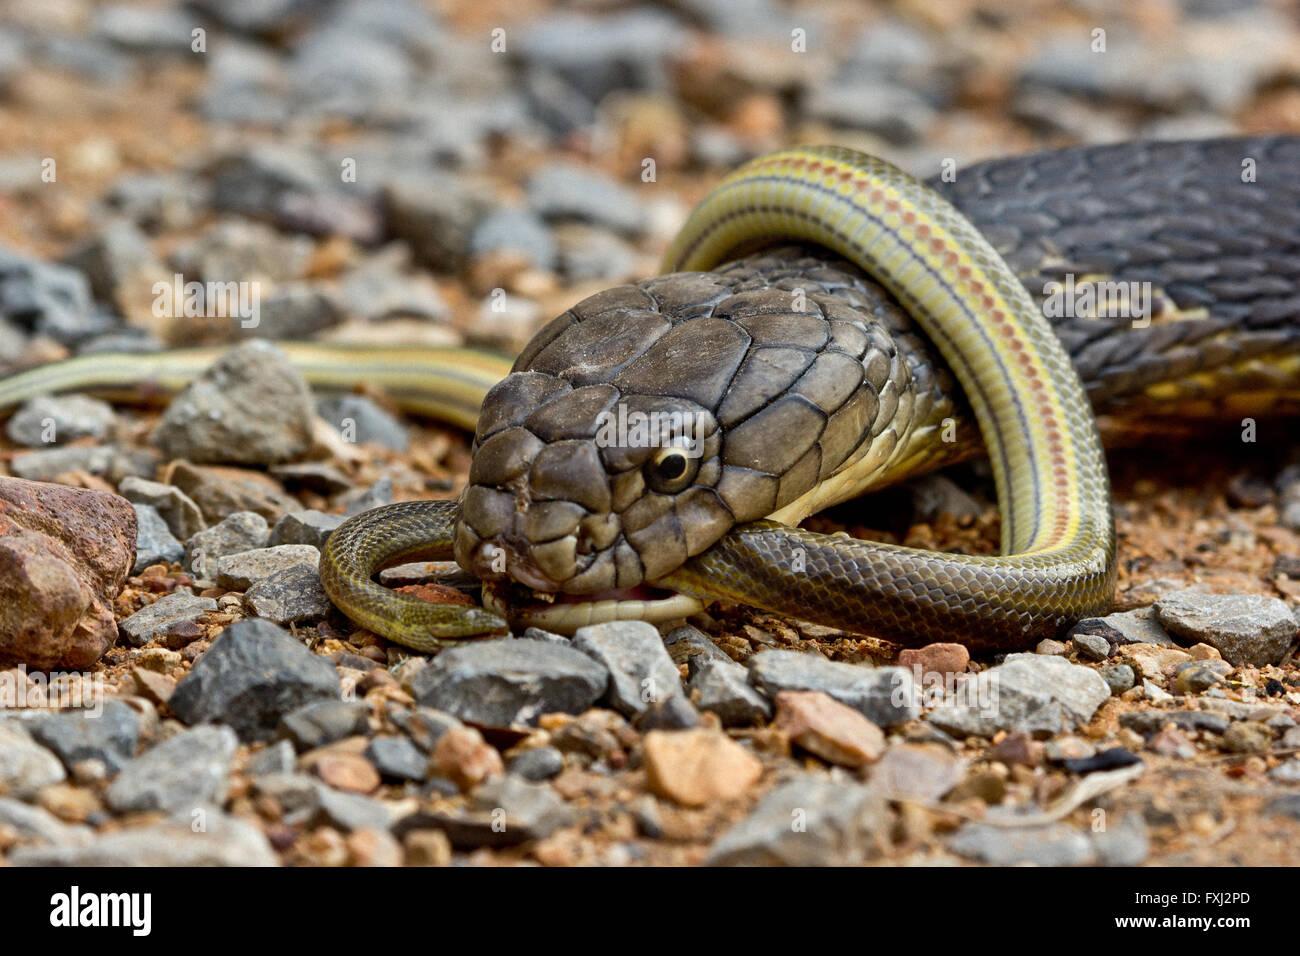 King Cobra Eats Smaller Snake